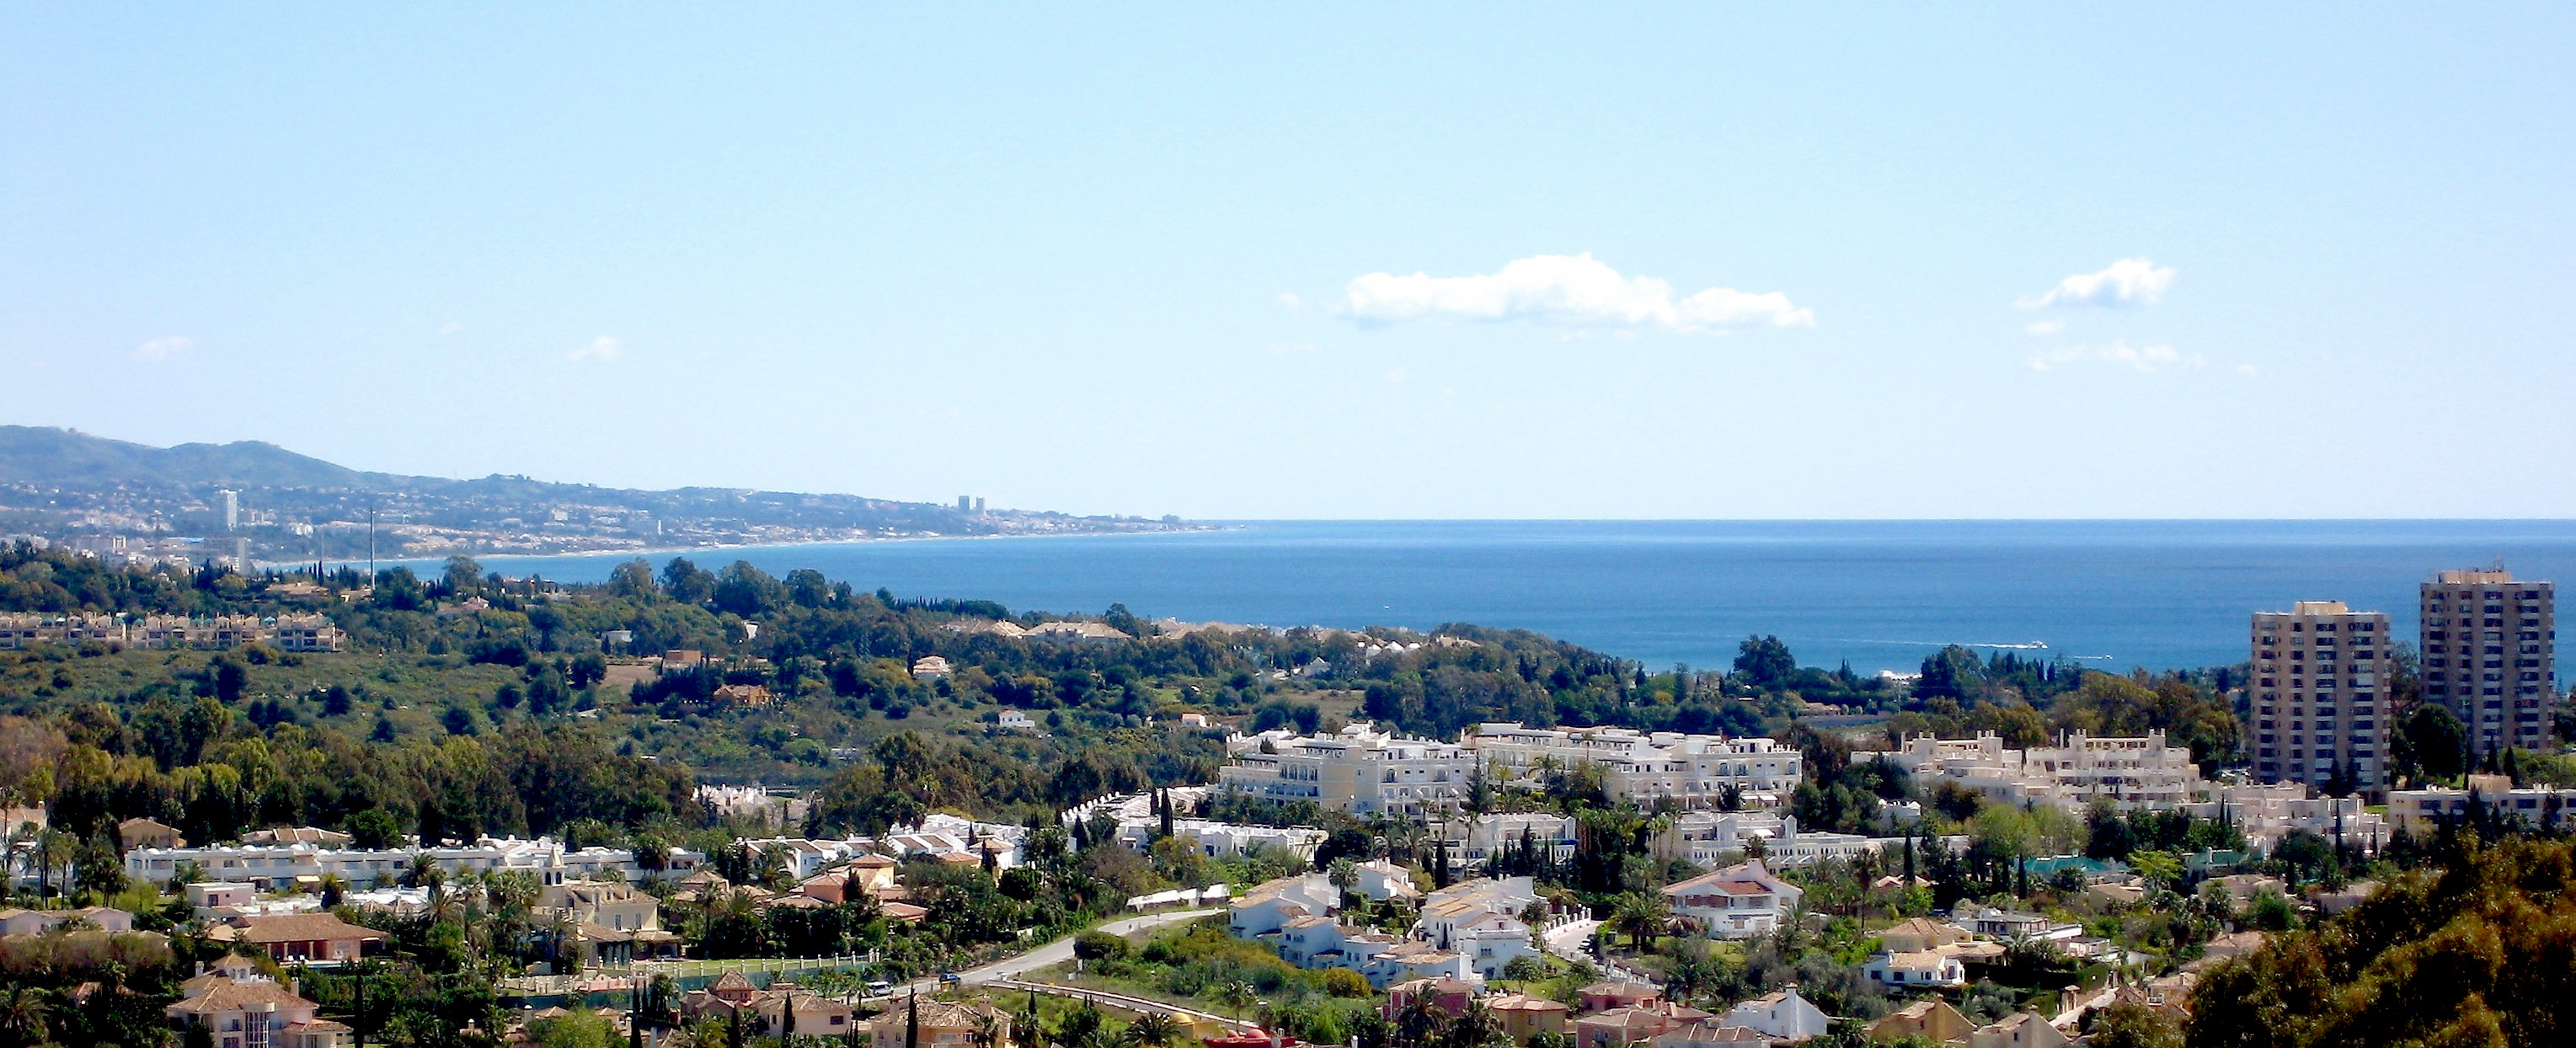 costa de marbella web